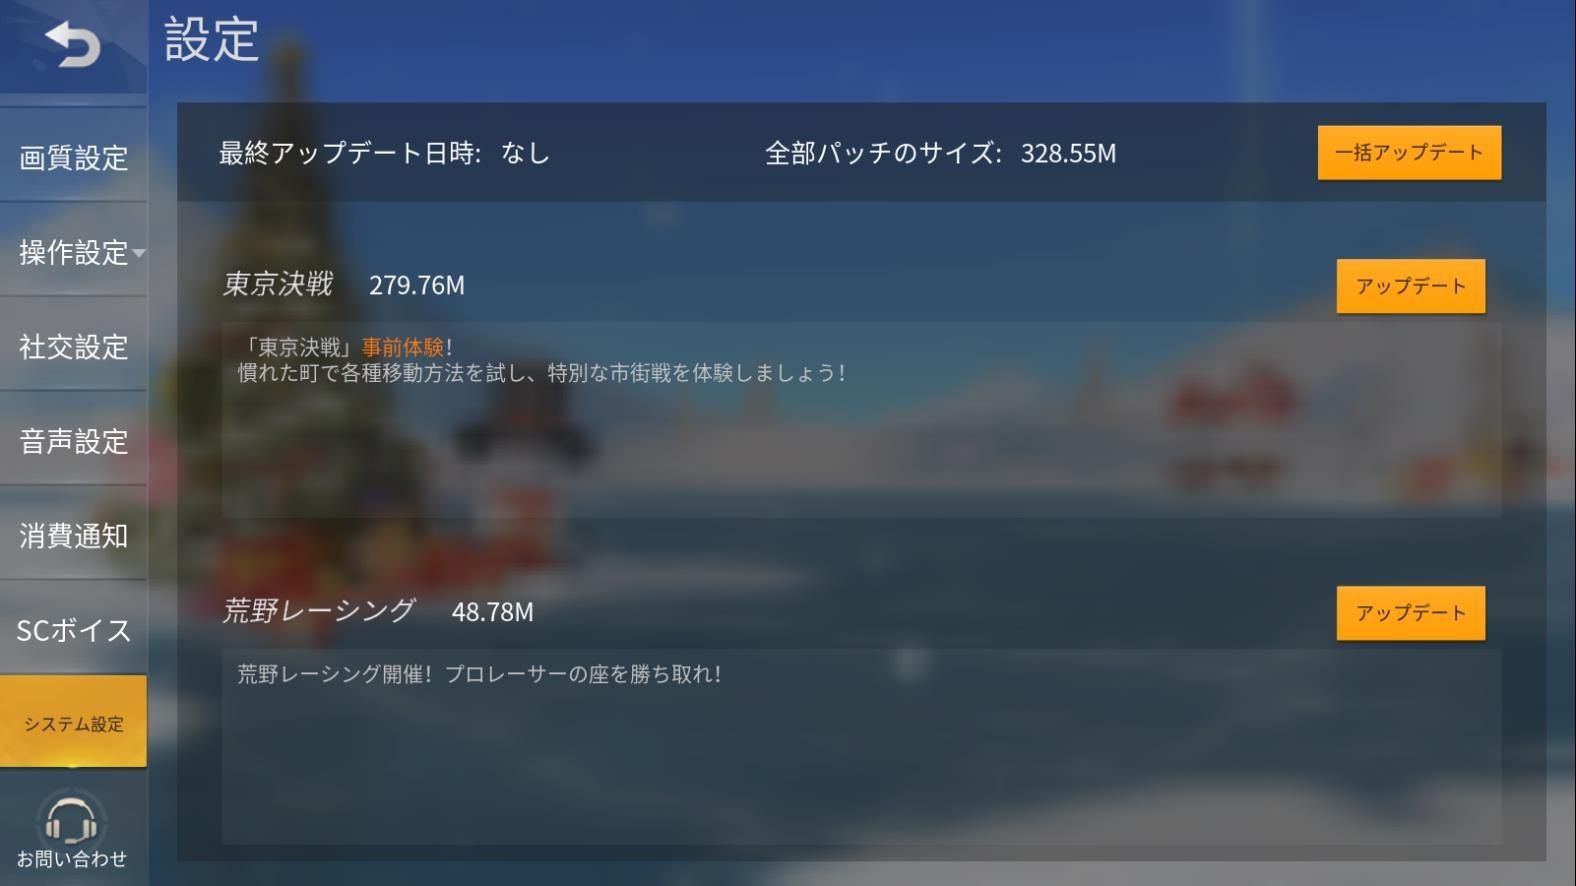 「荒野行動」の設定画面。一番下の項目は「システム設定」で、本家「荒野行動」でも「東京決戦」と「荒野レーシング」はここから手動ダウンロードが必要だ